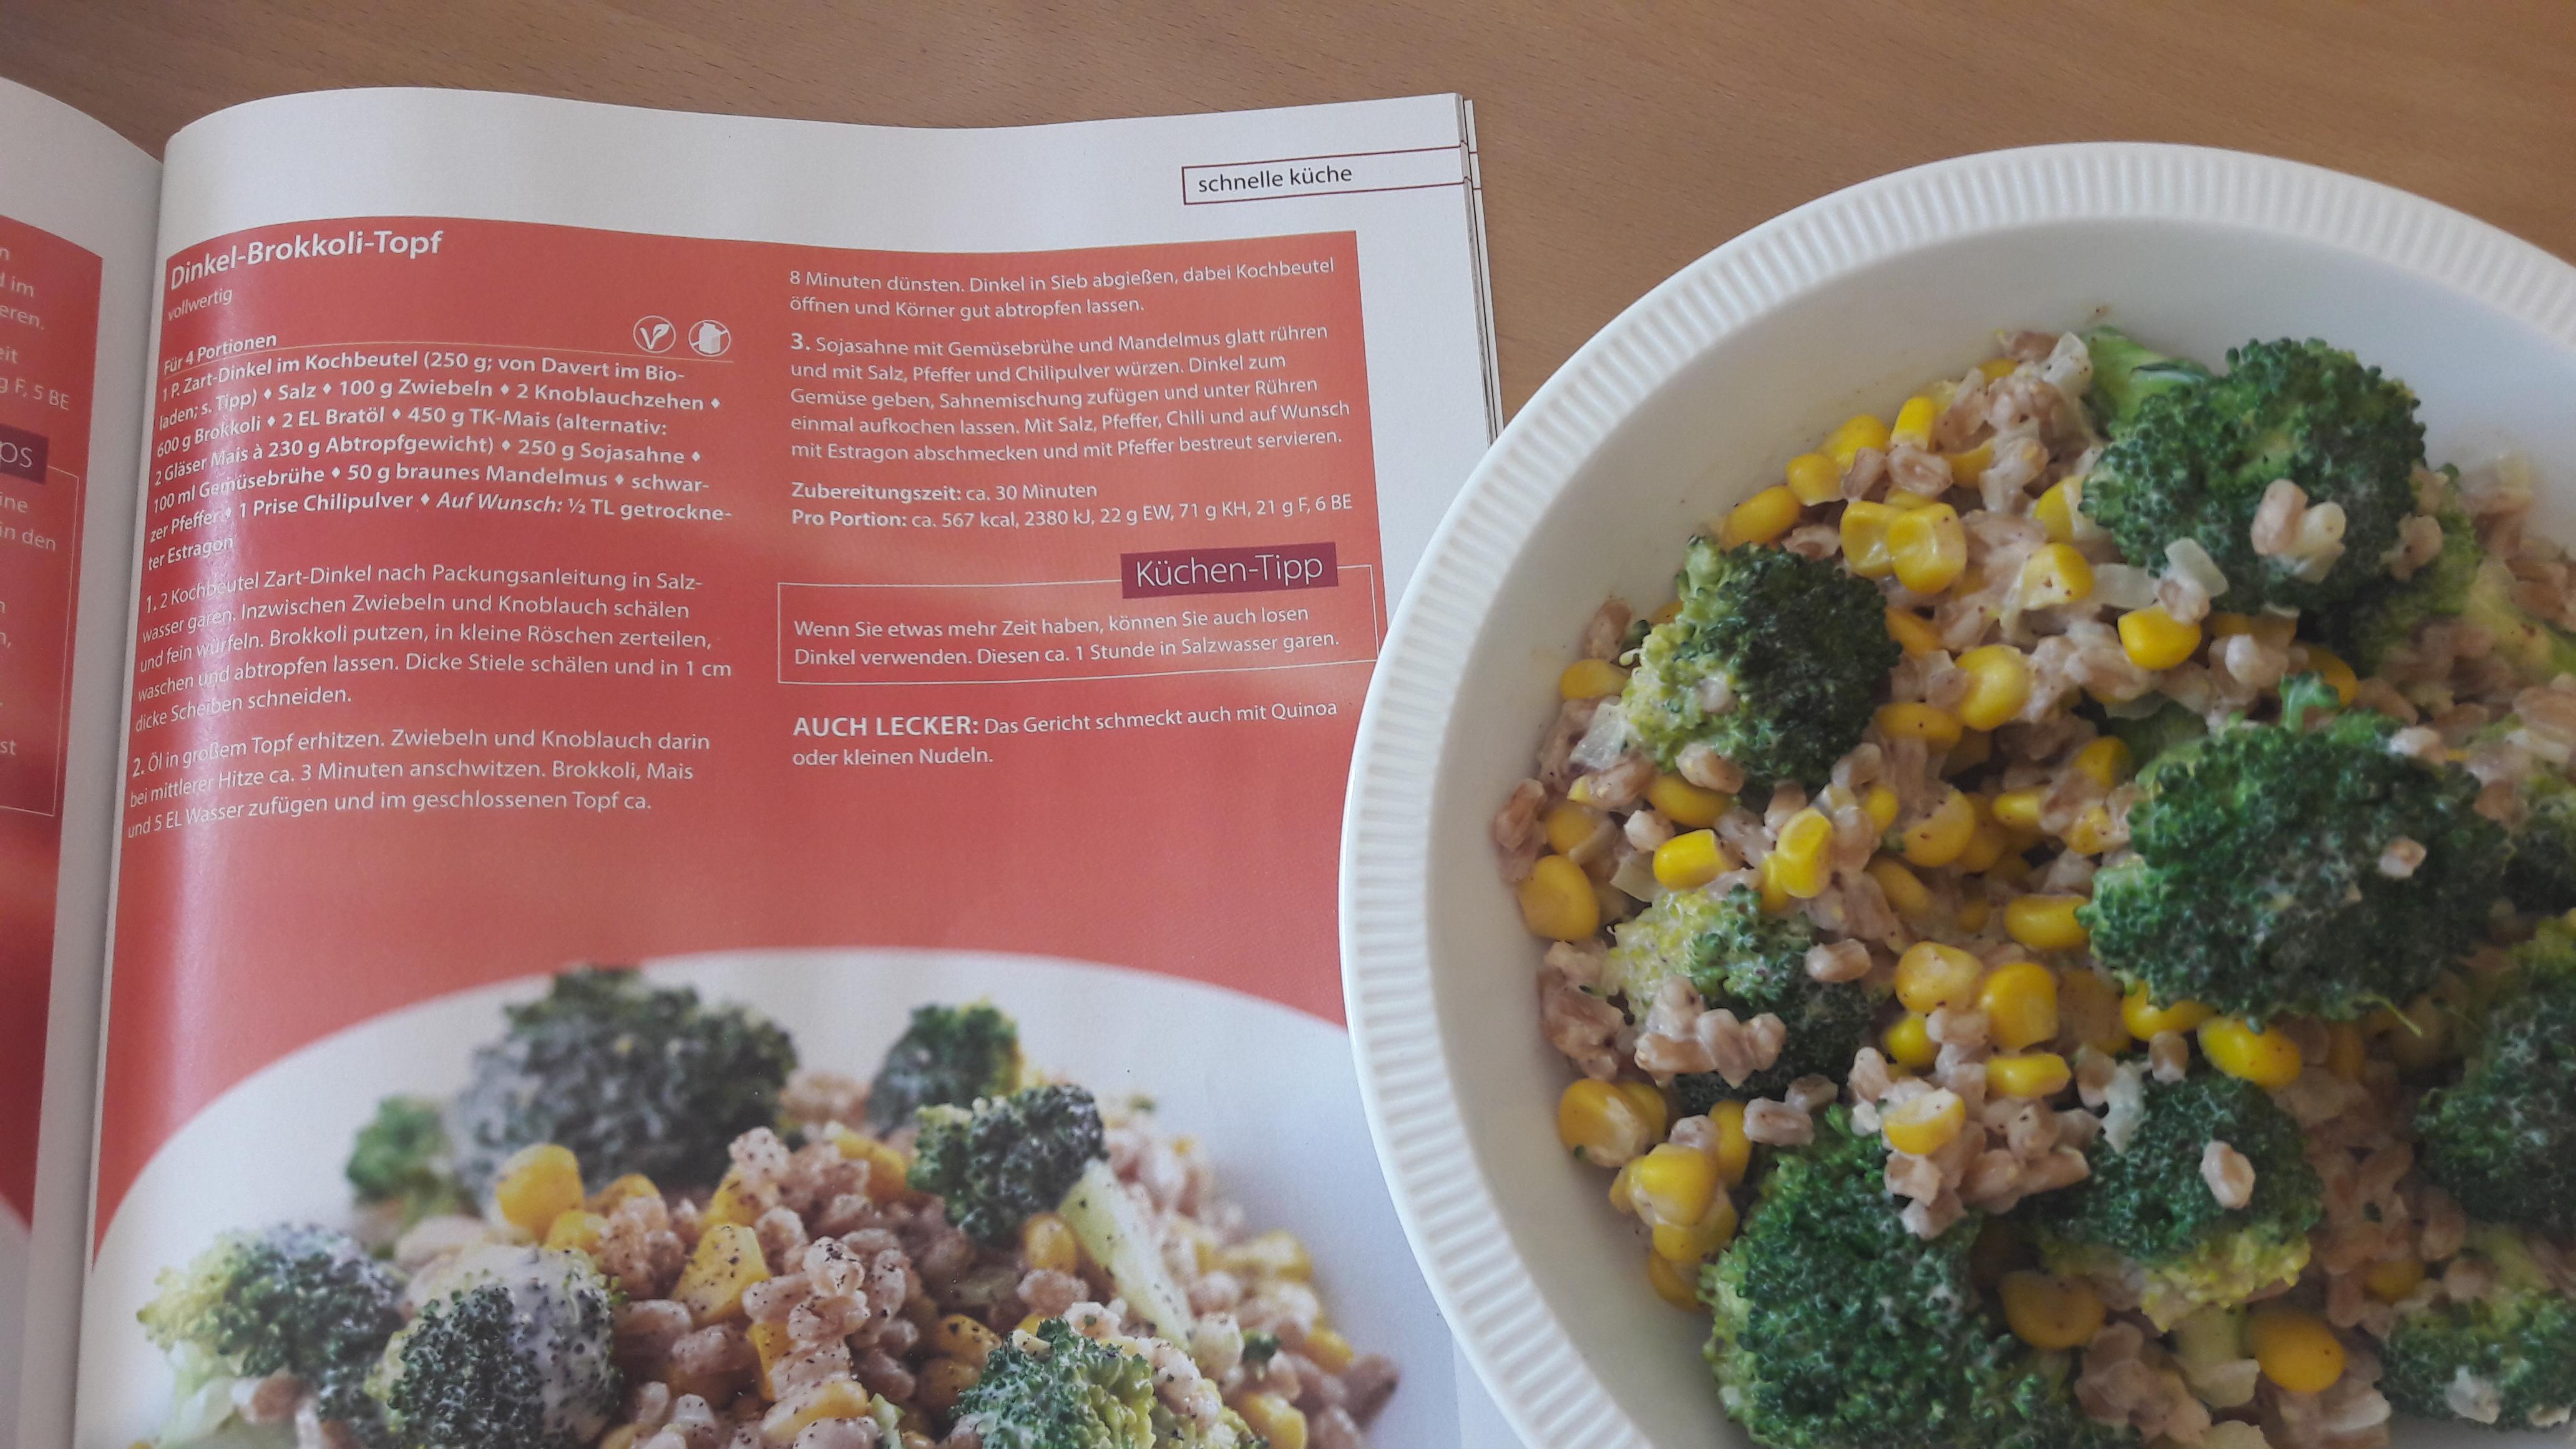 Schnelle vollwertige Küche, für Sie nachgekocht: Super-leckerer Bio-Dinkel-Brokkoli-Topf